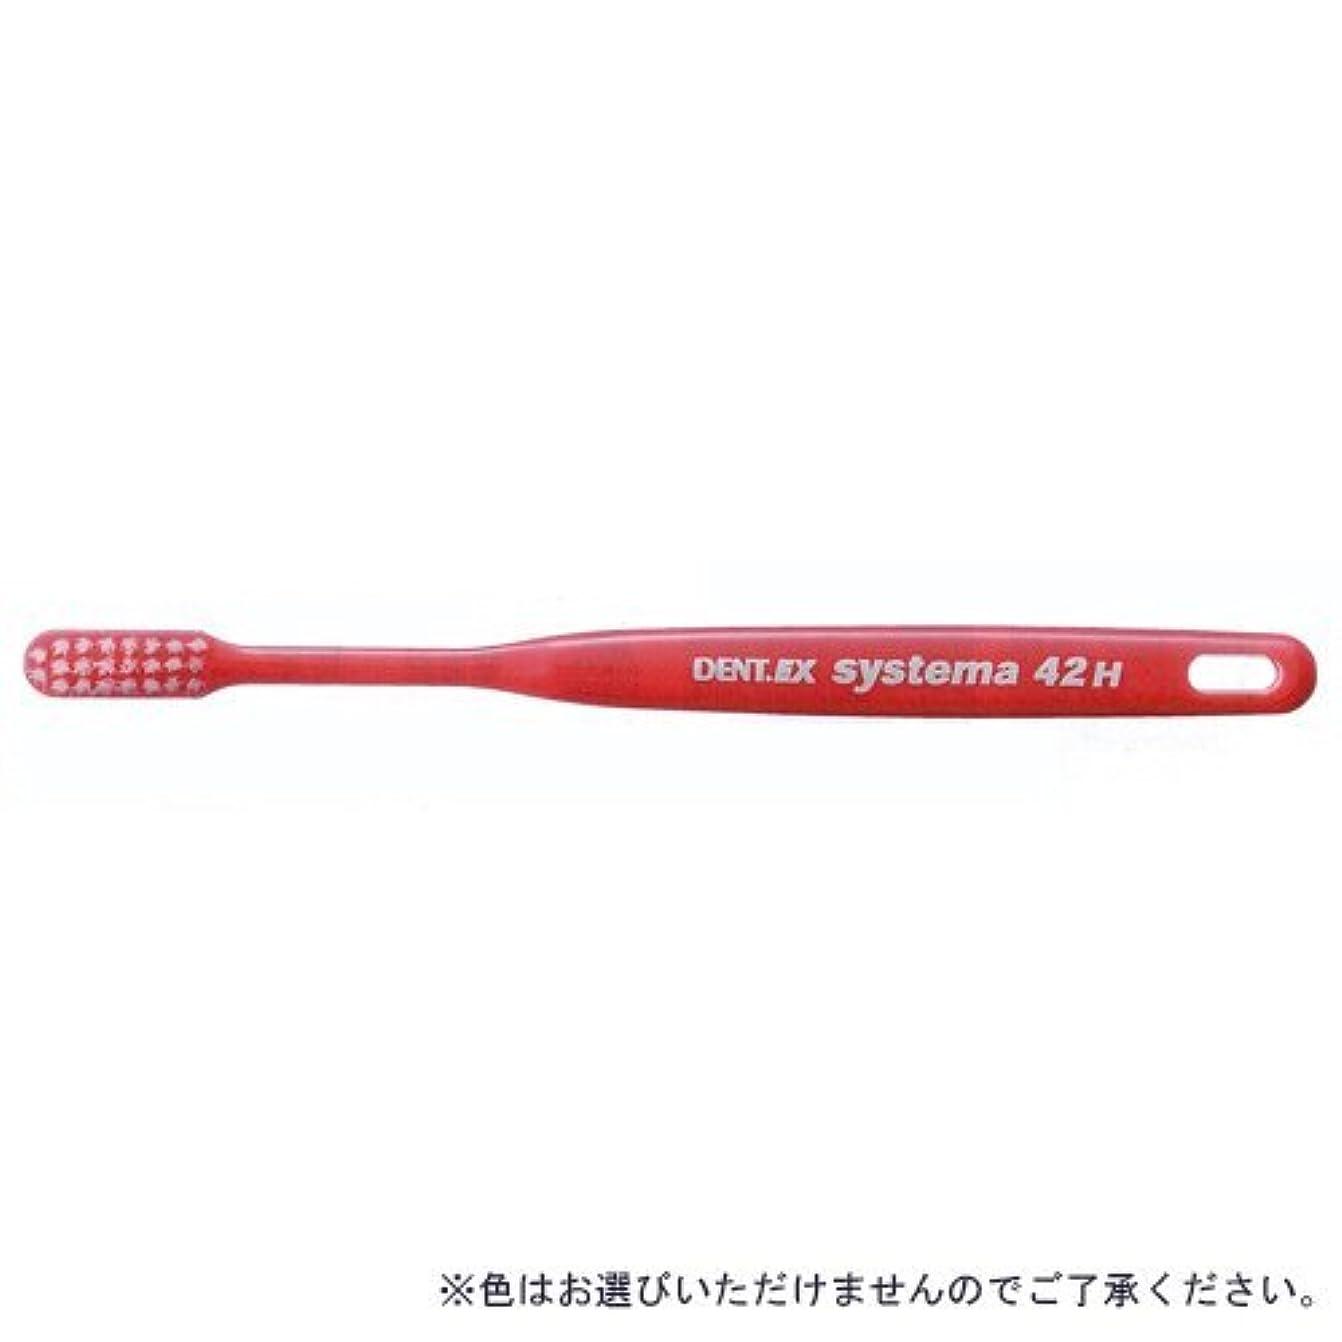 より多いコンパスガチョウライオン DENT.EX システマ 42H(かため)